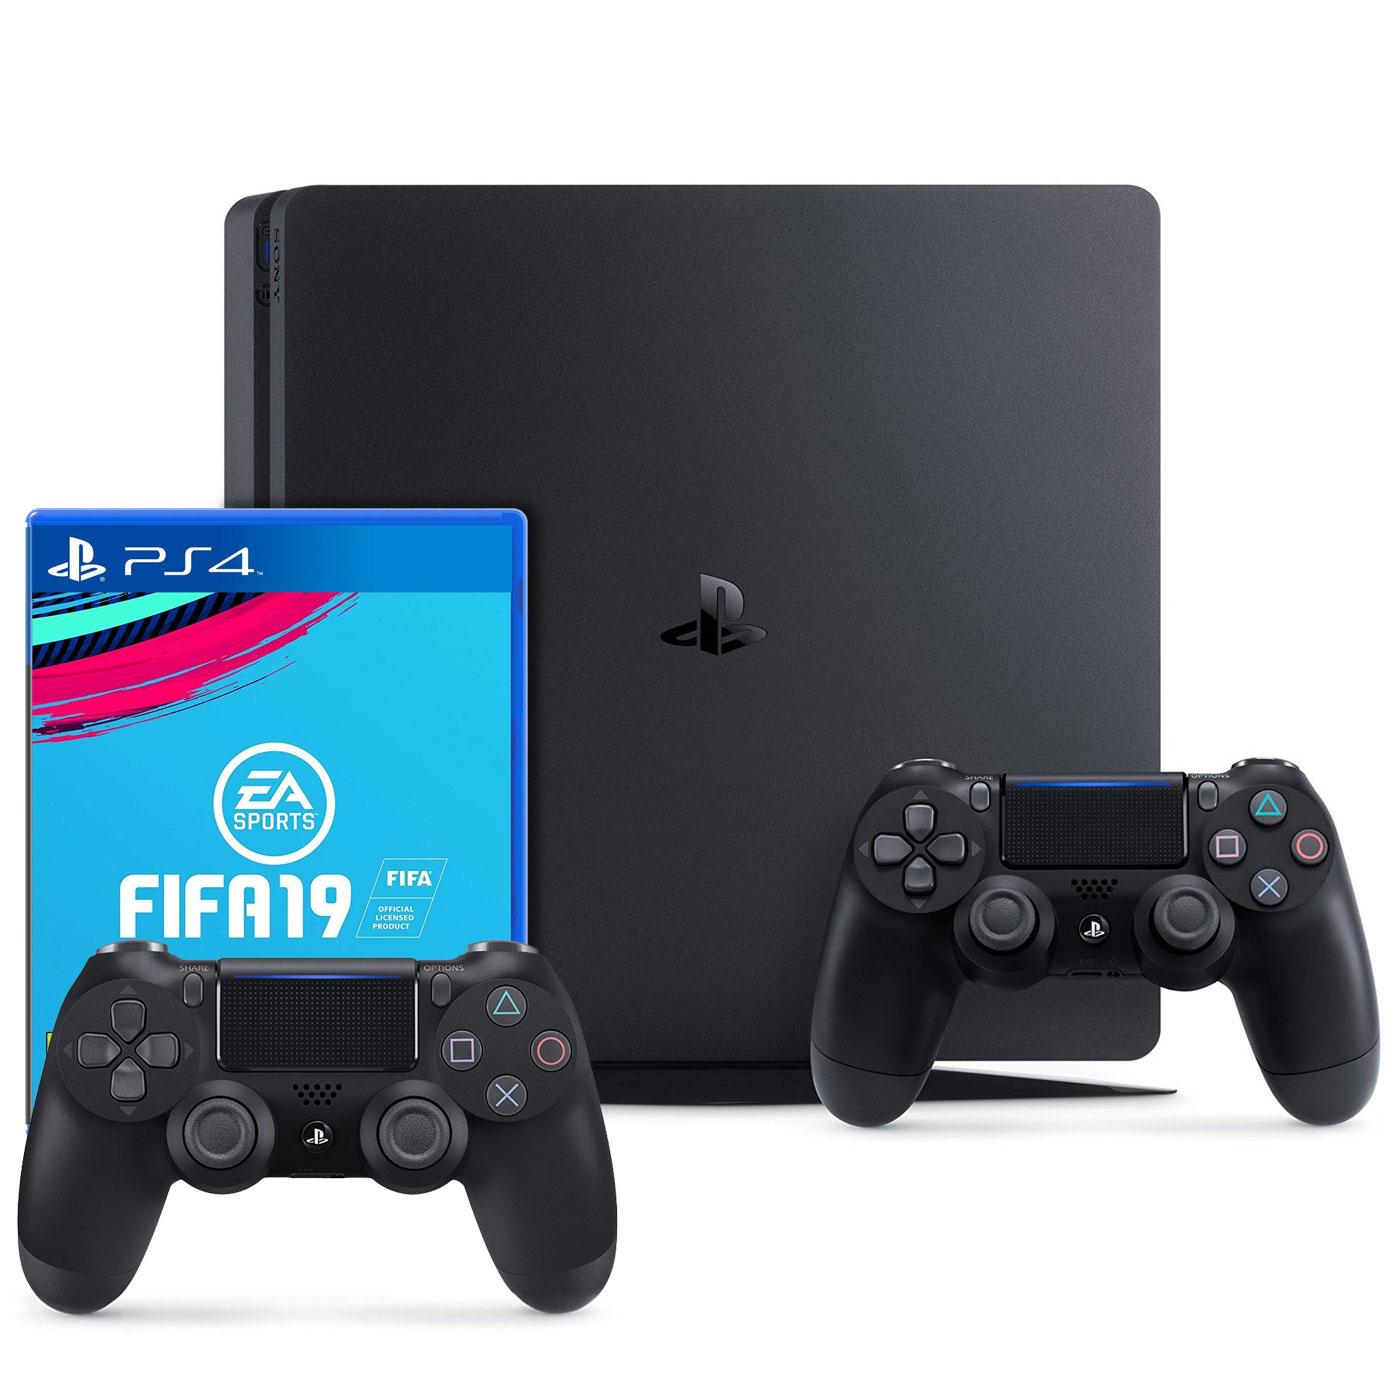 Console PS4 Sony PlayStation 4 Slim (1 To) + DualShock v2 +  FIFA 19 Console de jeux-vidéo nouvelle génération avec disque dur 1 To + 2 manettes sans fil + jeu FIFA 19